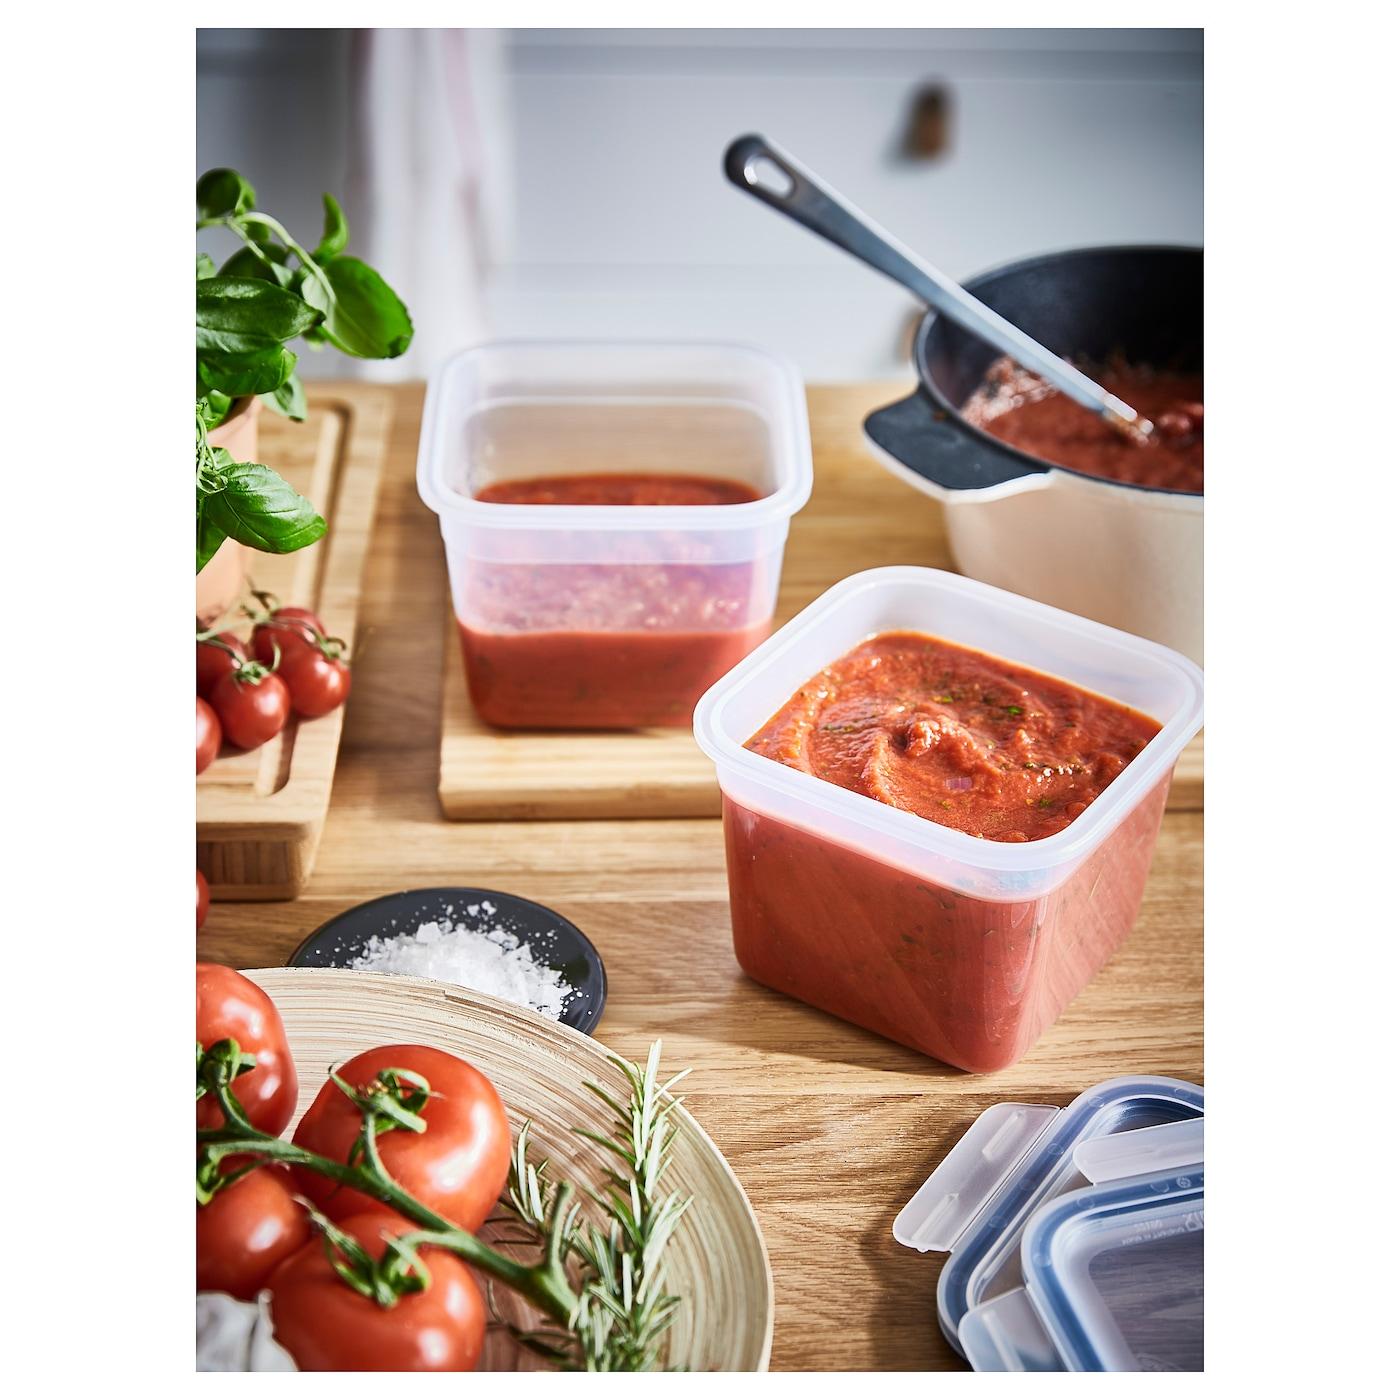 IKEA 365+ Food container, square/plastic, 1.4 l